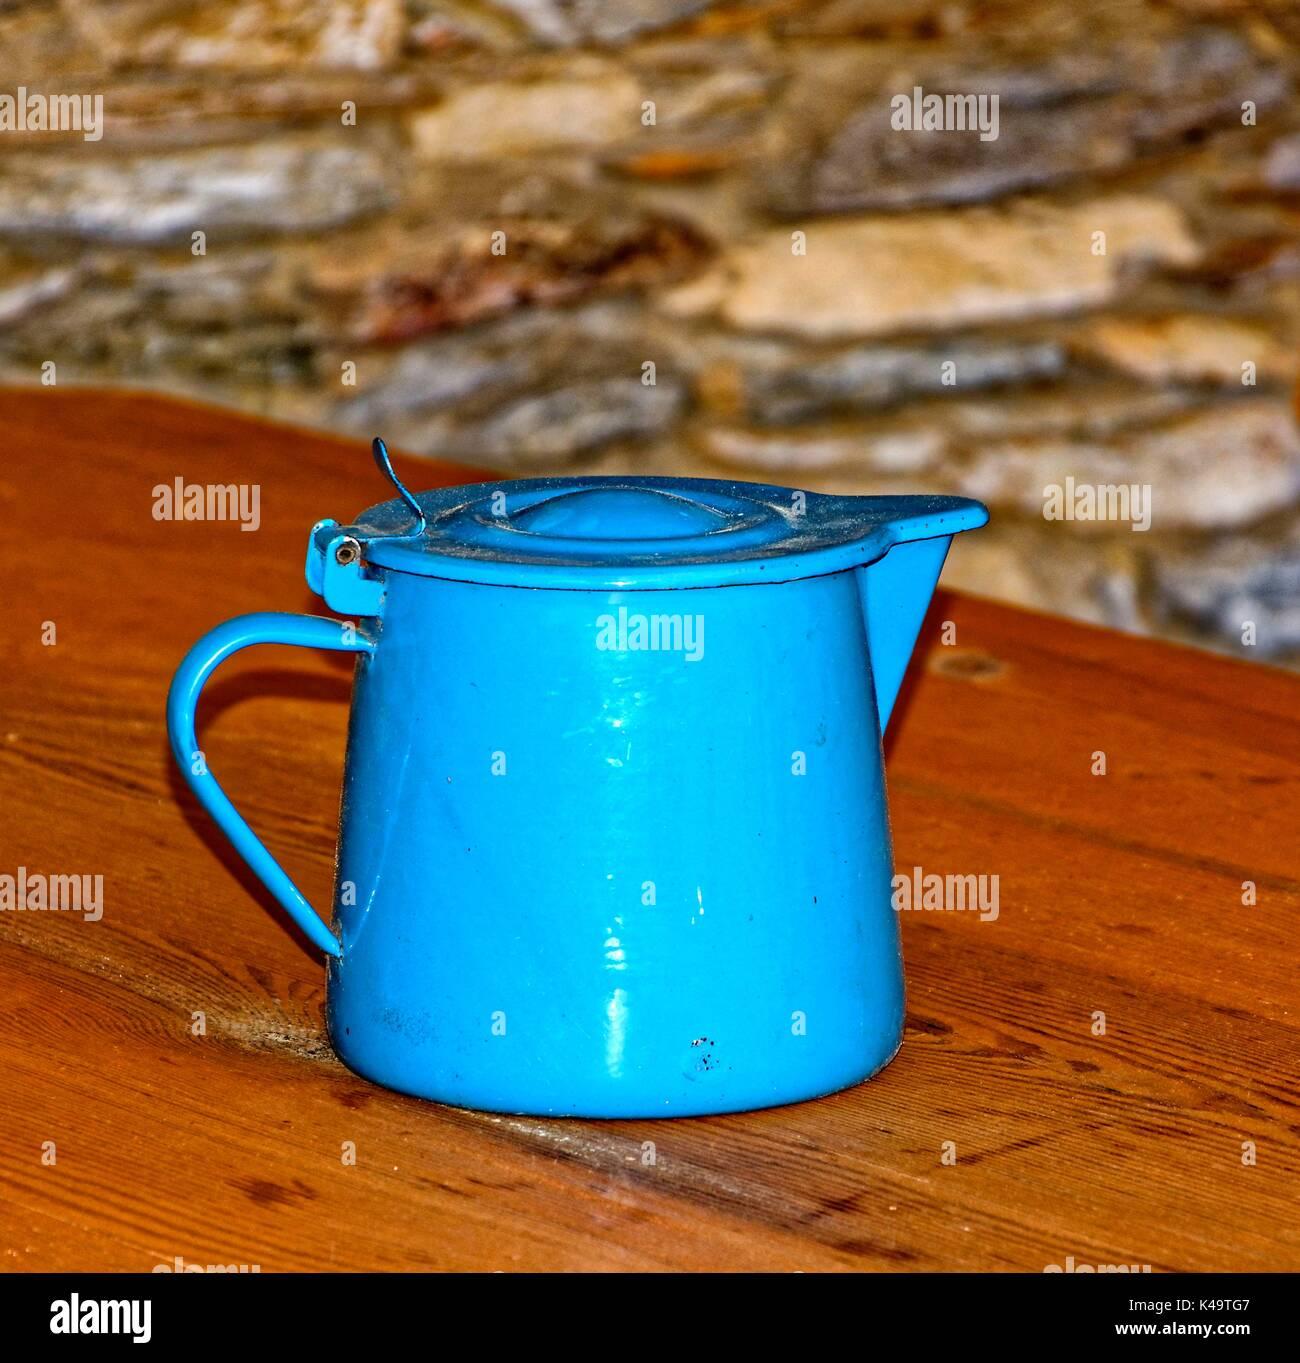 Alte blaue Emaille Topf auf den Tisch Stockfoto, Bild: 157568775 - Alamy